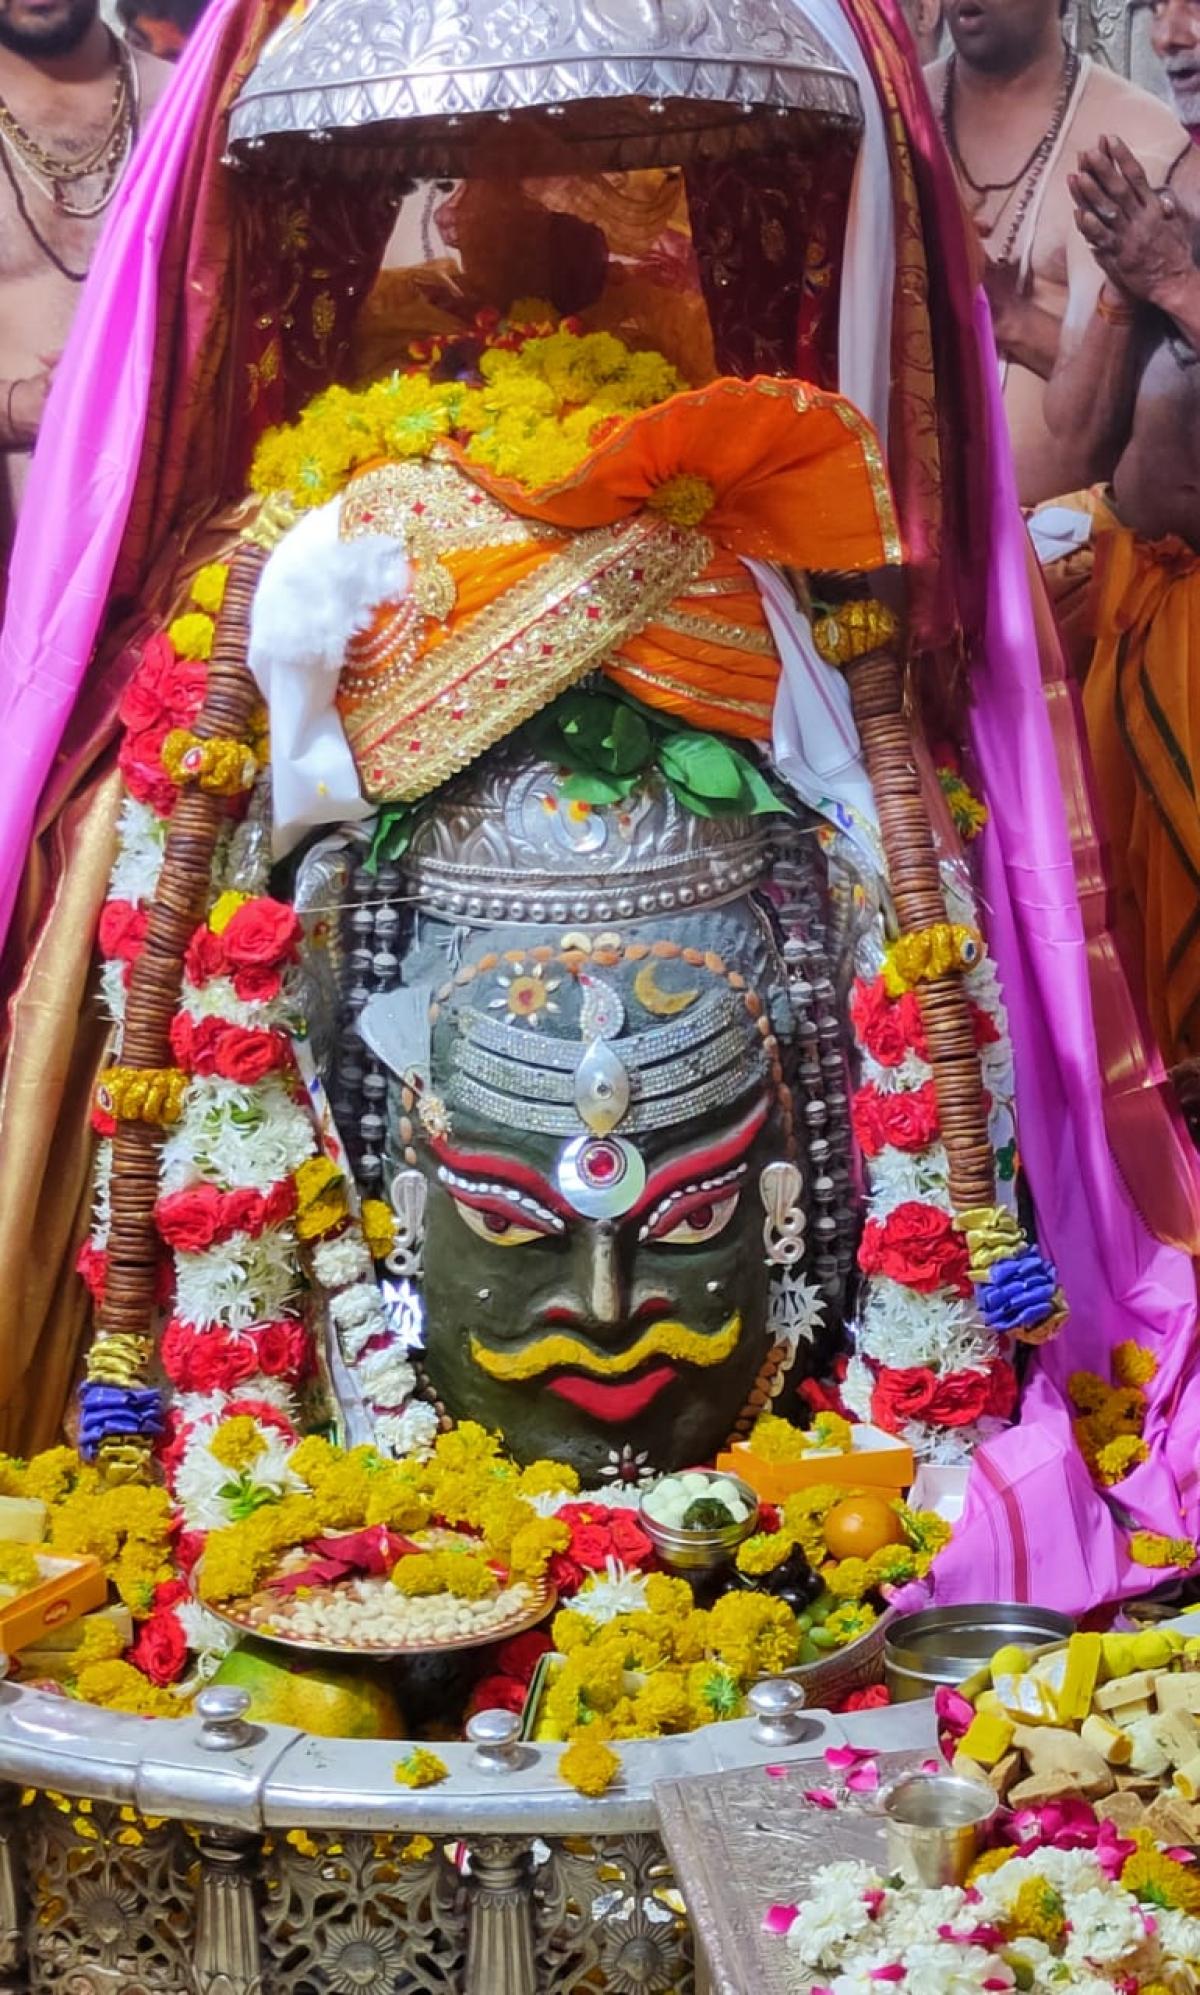 Ujjain: Devotees from across the country throng Mahakal Temple on Maha Shivaratri